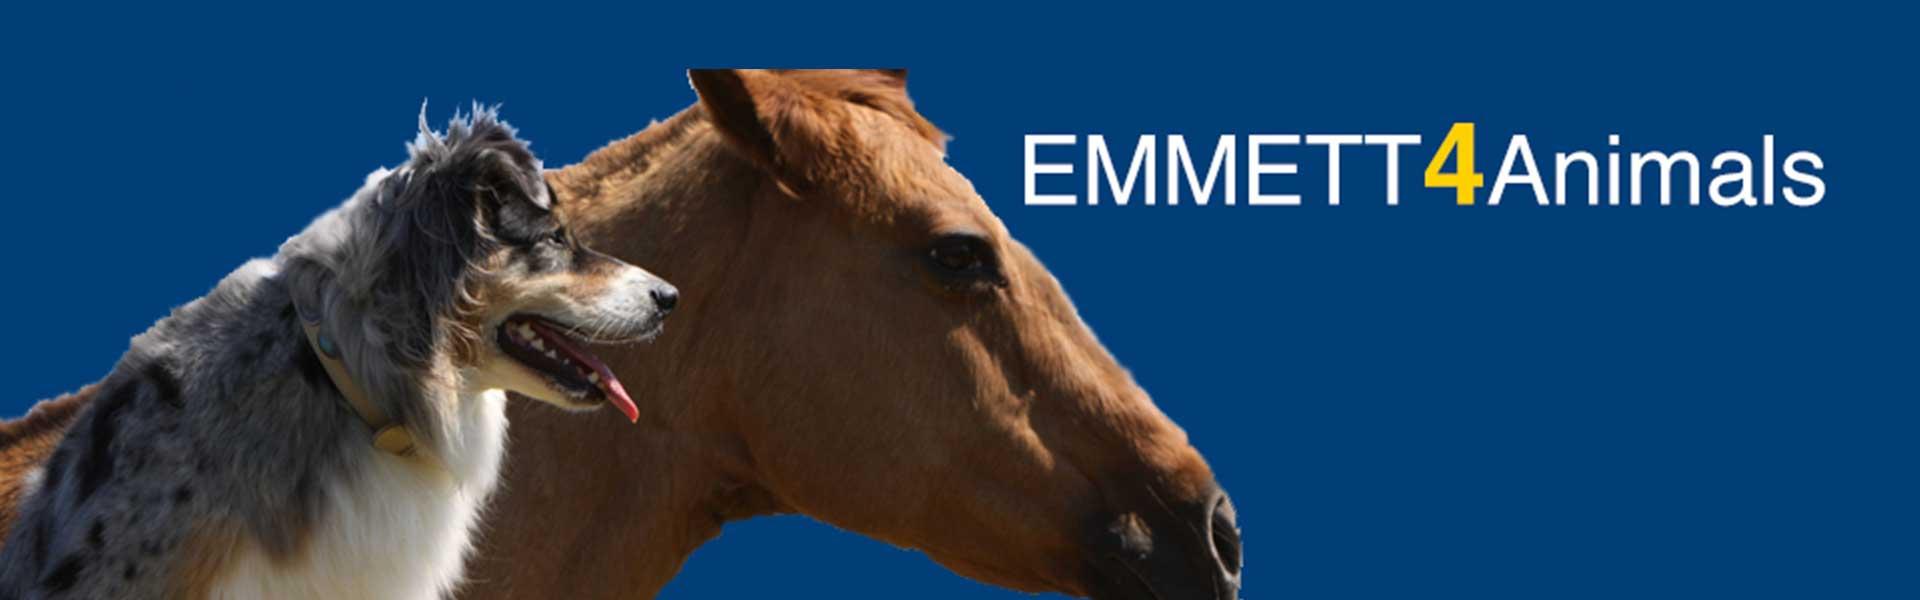 Emmett For Animals